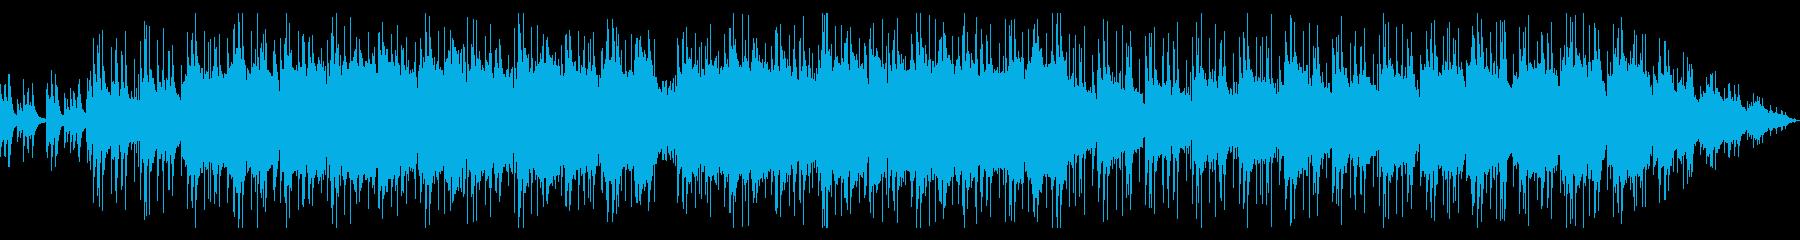 ポジティブな印象のミディアムバラードの再生済みの波形